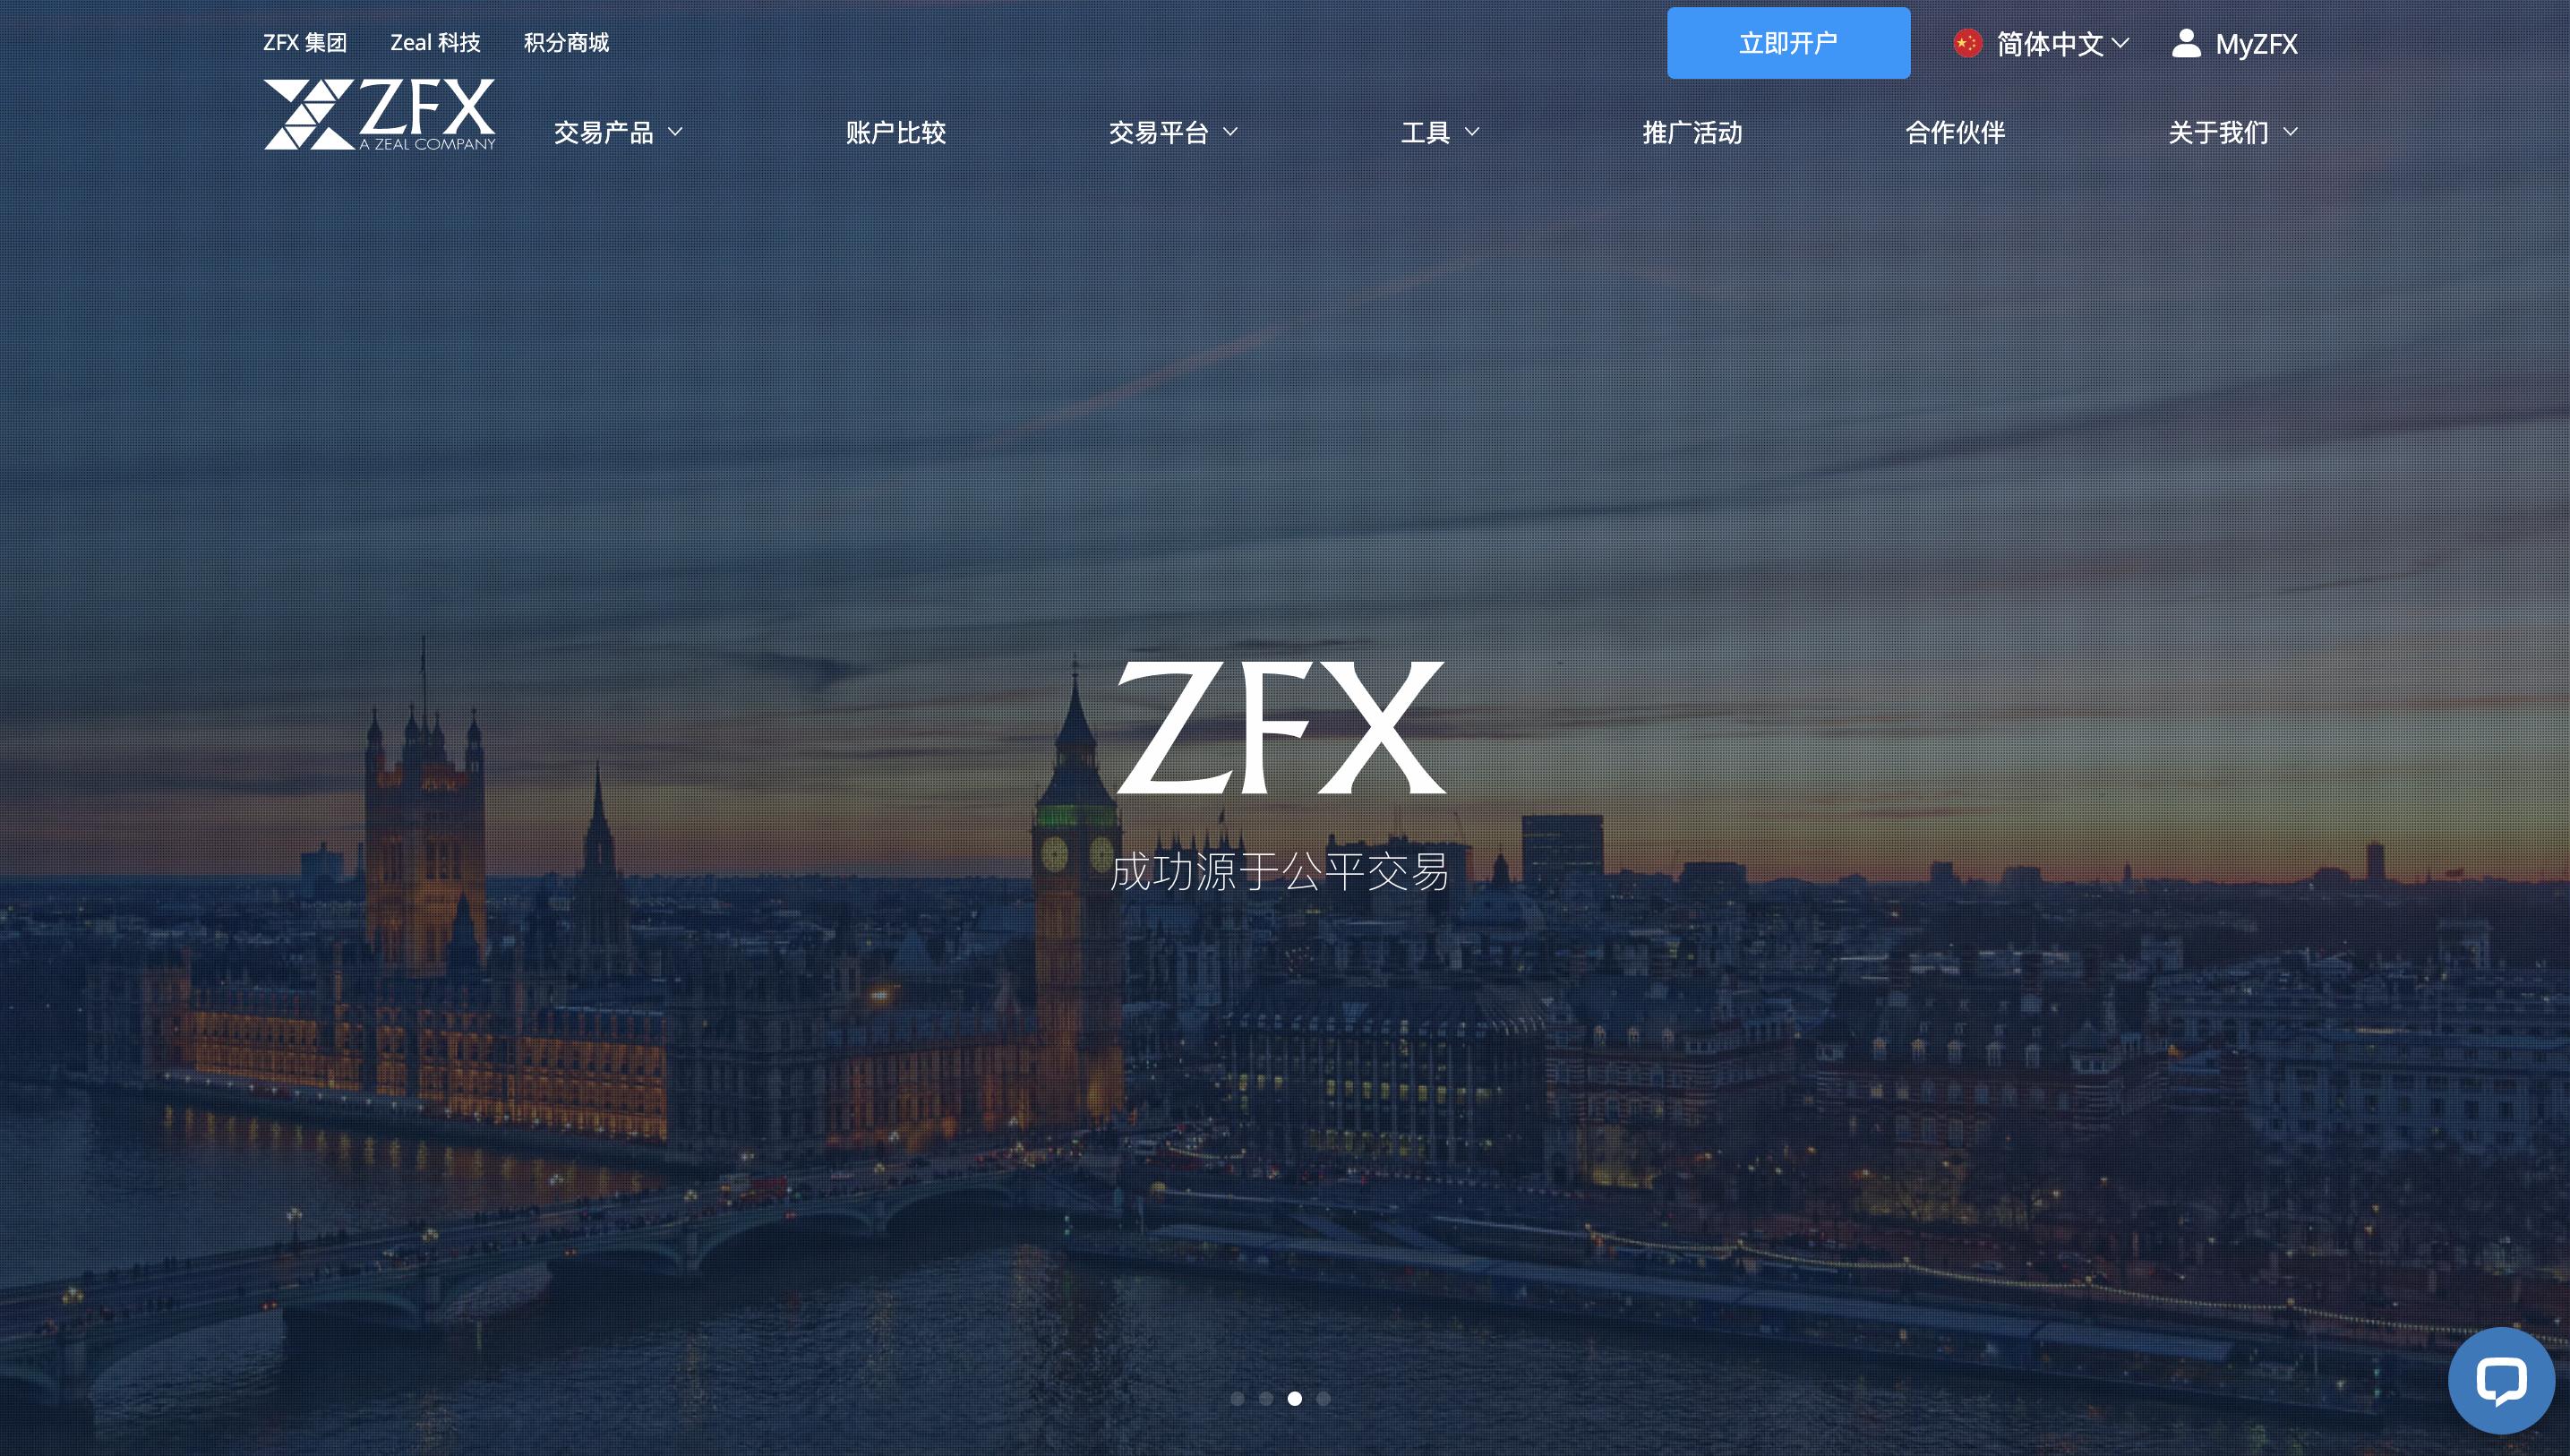 ZFX集團官網